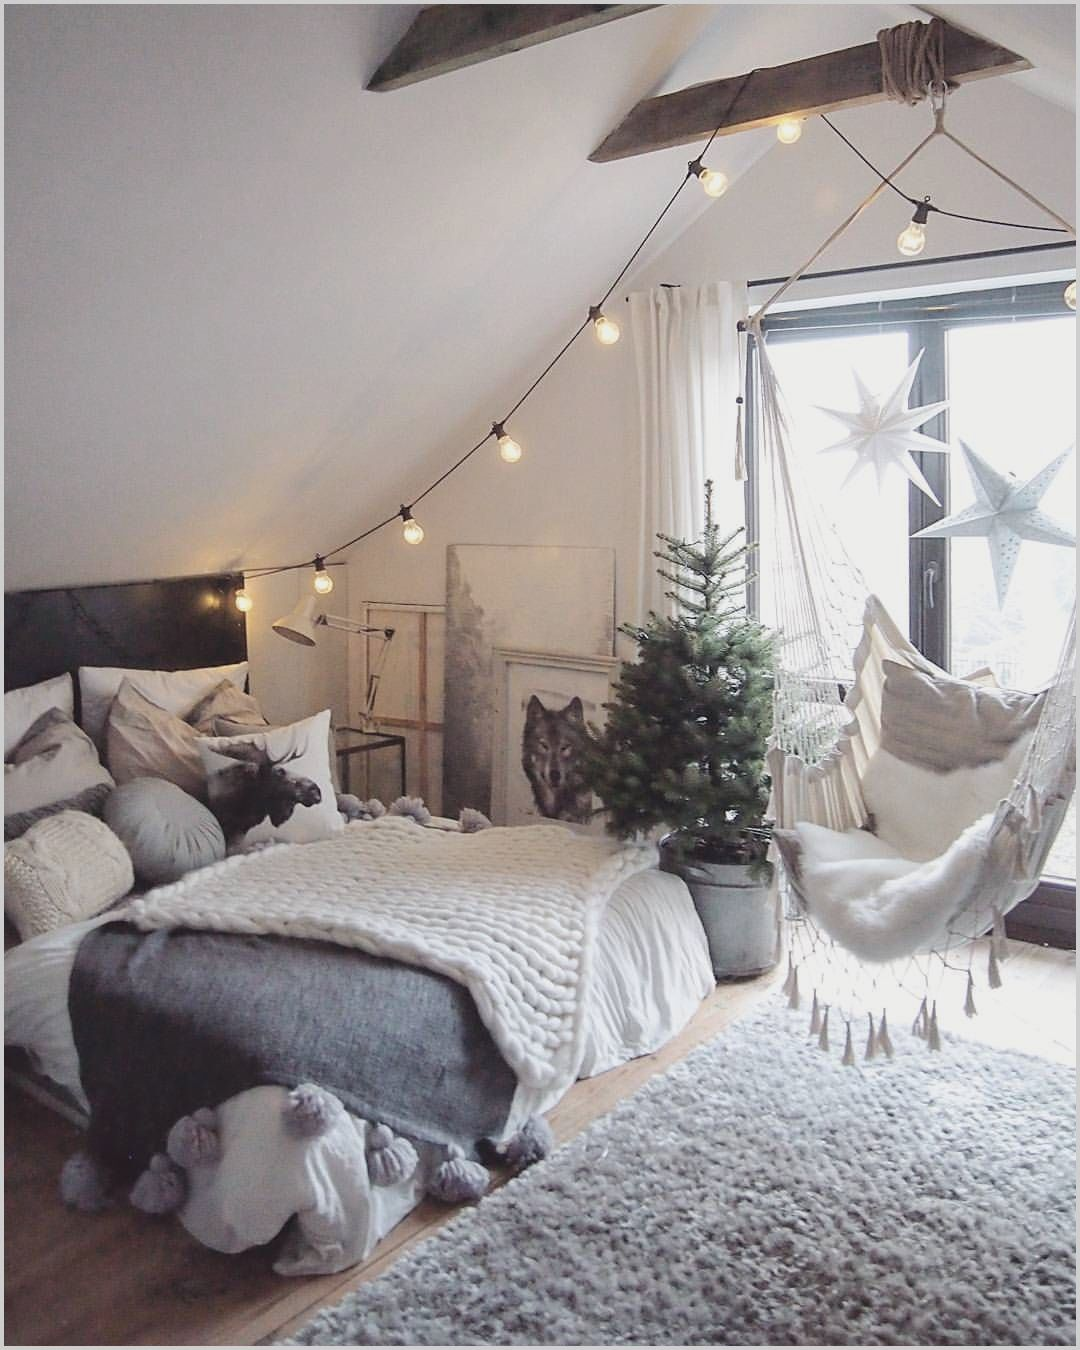 Bedroom Decor Ideas Instagram In 2020 Bedroom Decor Cozy